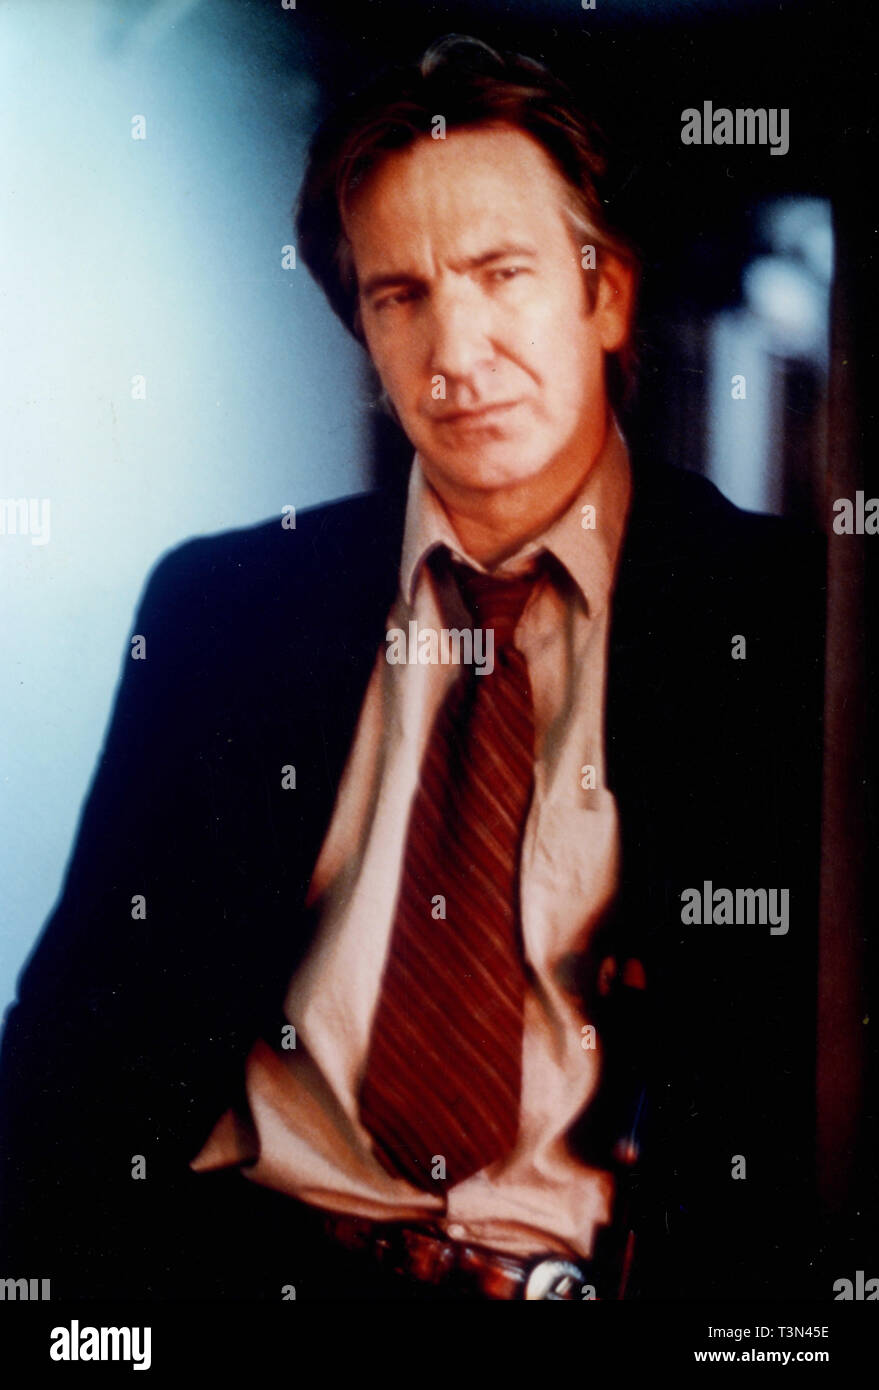 Actor Alan Rickman in the movie Judas Kiss, 1990s - Stock Image